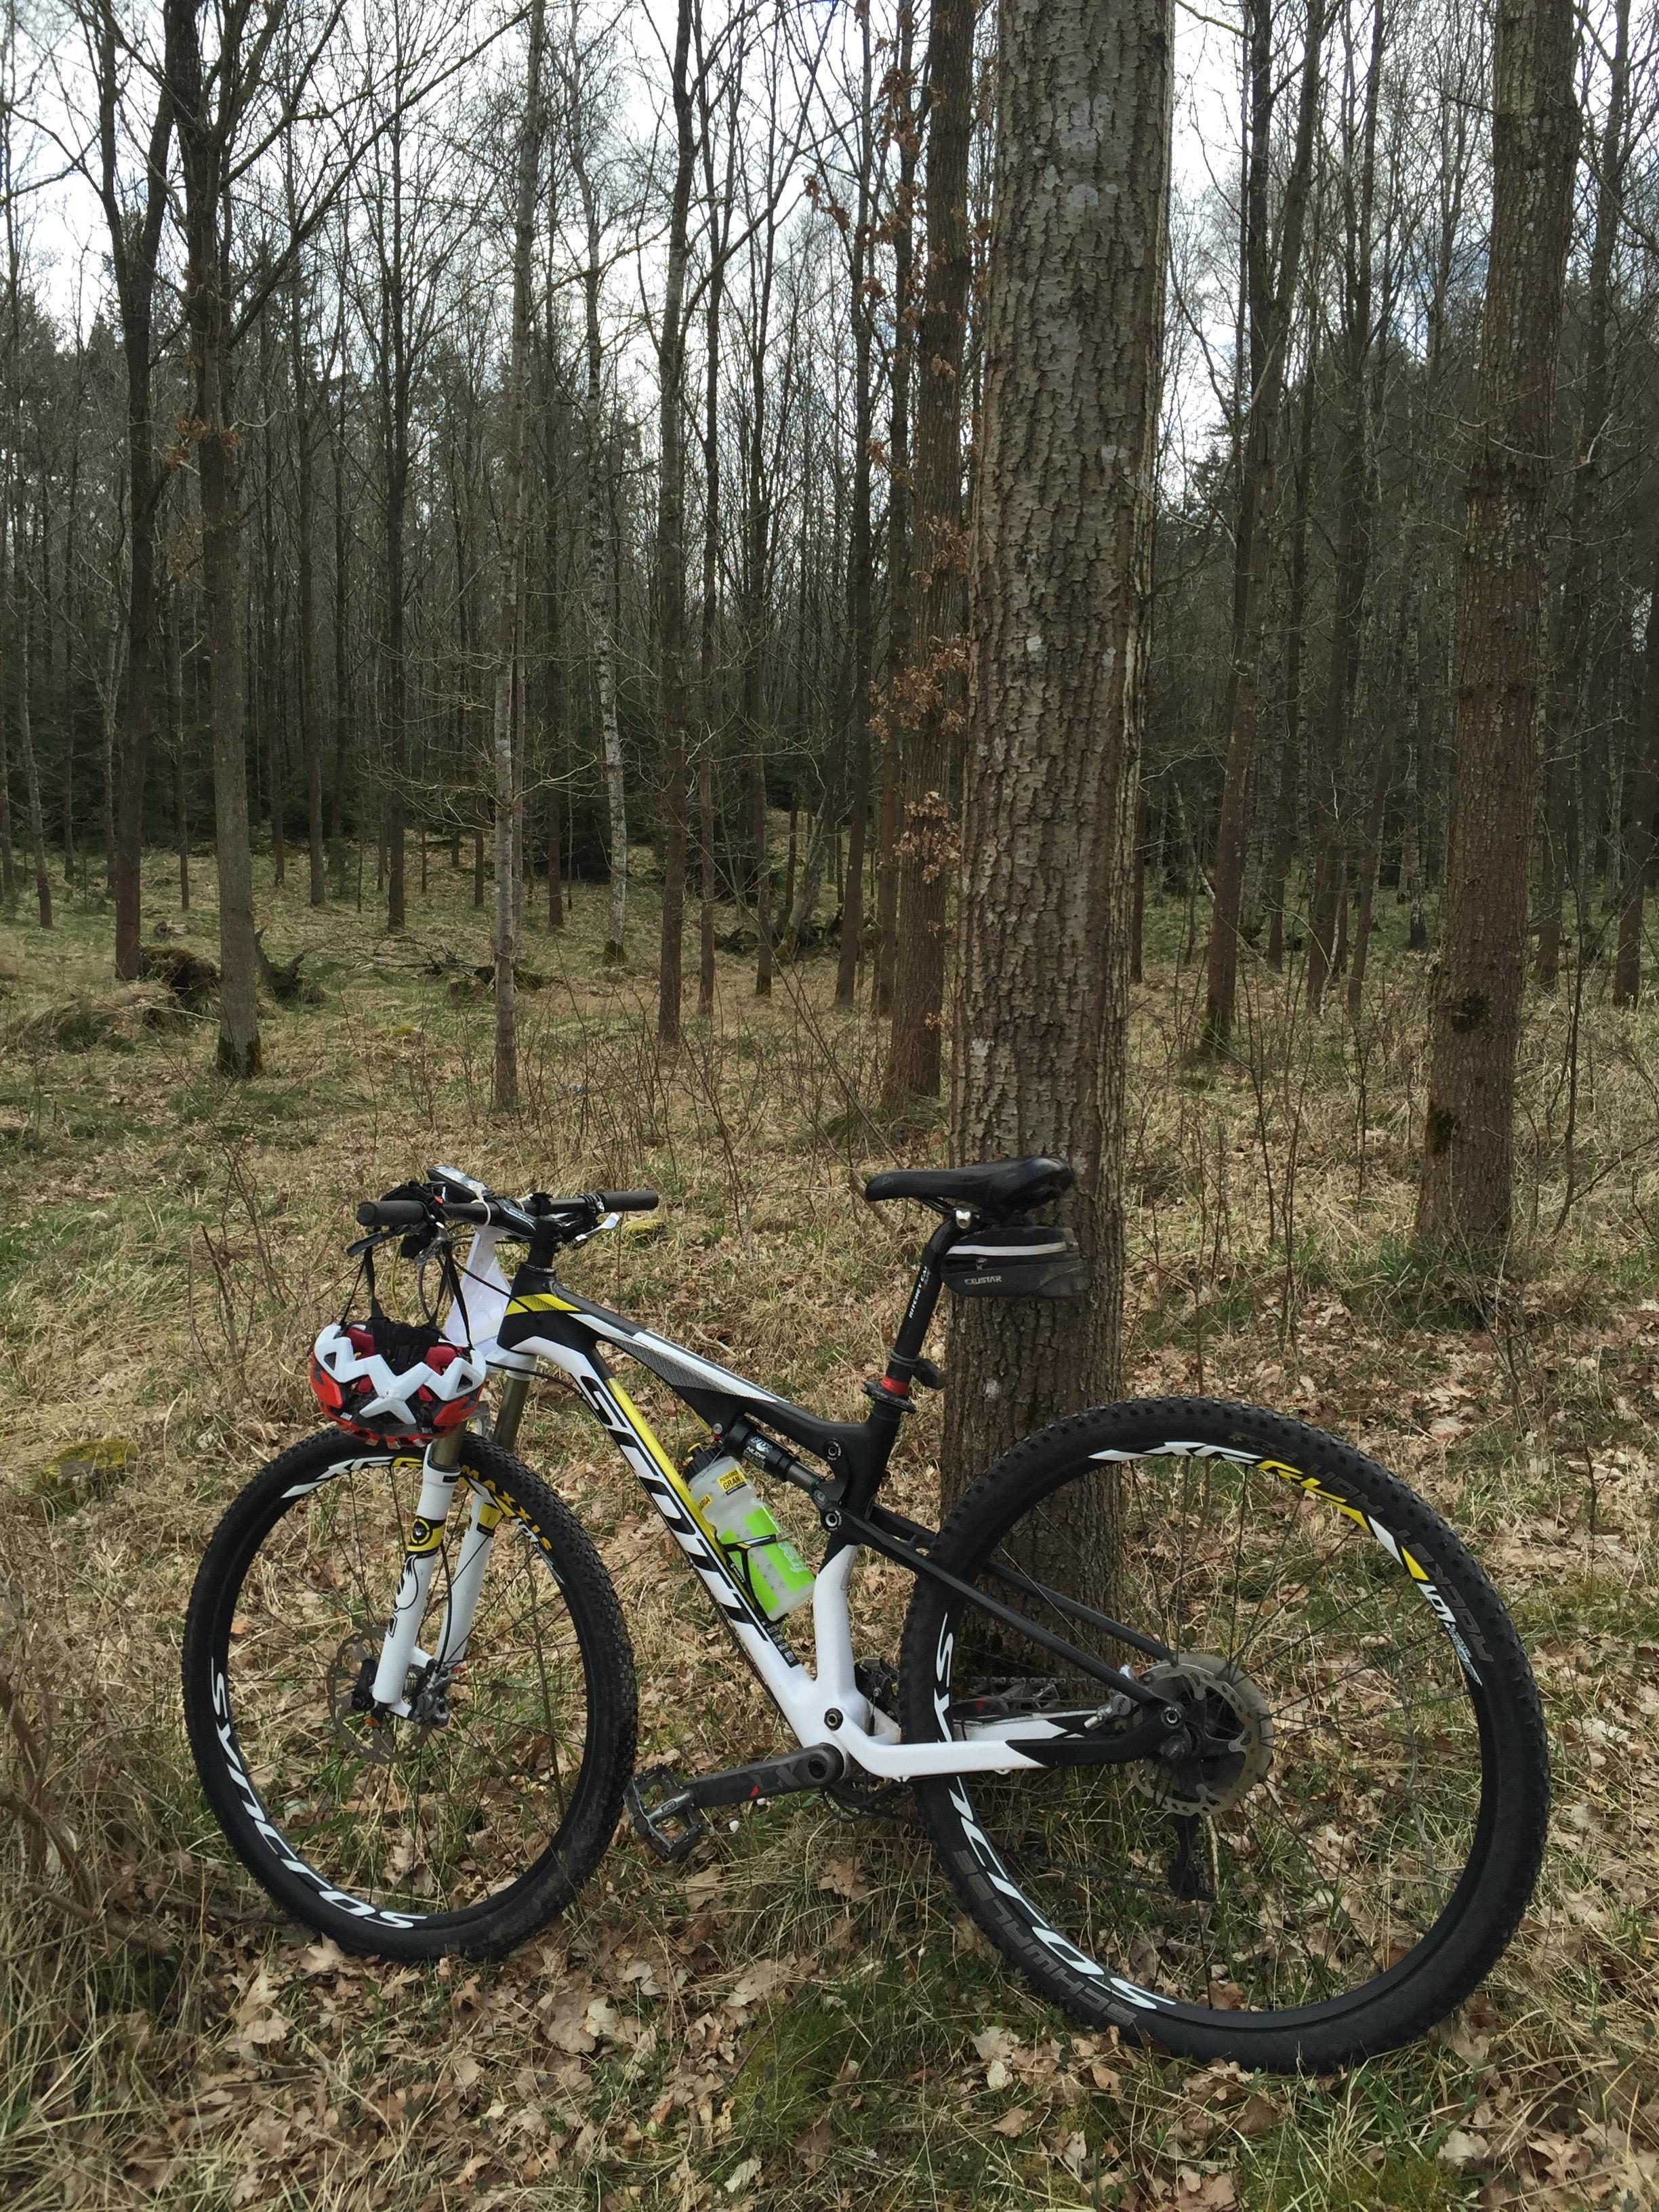 Min kække Scottsmate er klar til race i den endnu ikke udsprungne Grib Skov.